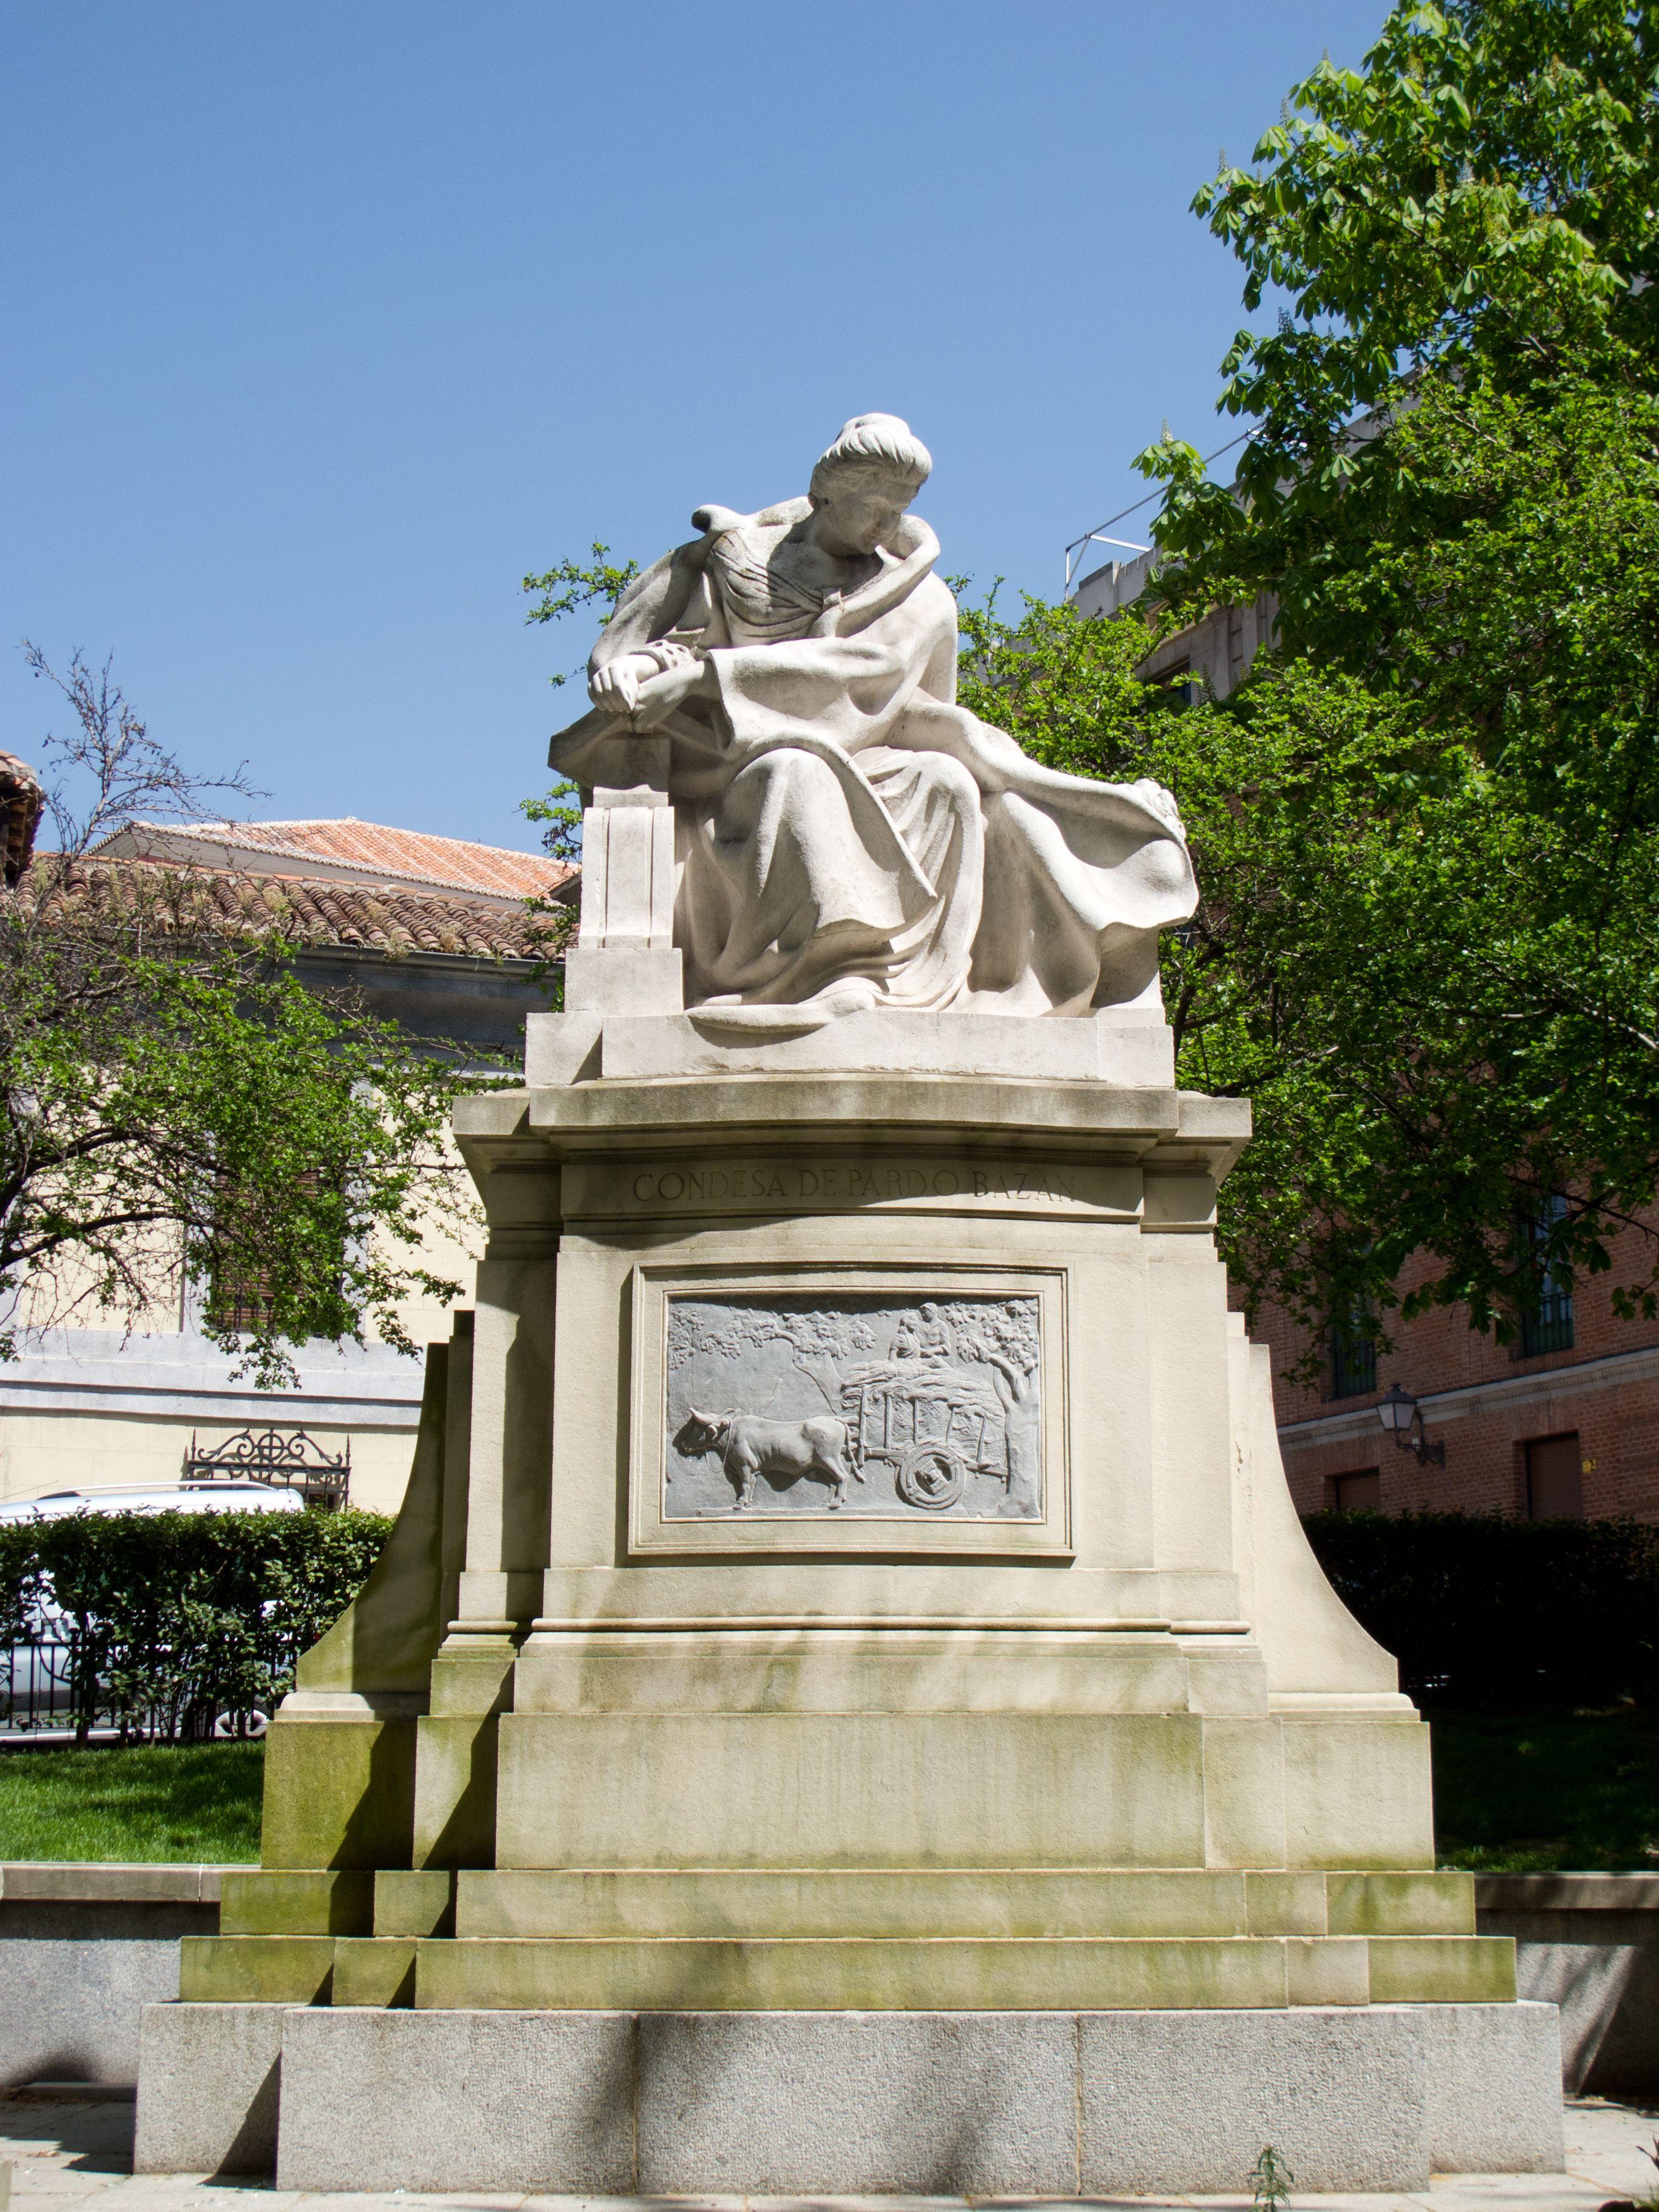 Madrid y España entera dedicó este monumento a Emilia Pardo Bazán, en la calle La Princesa. Crédito: Kadellar. Wikipedia